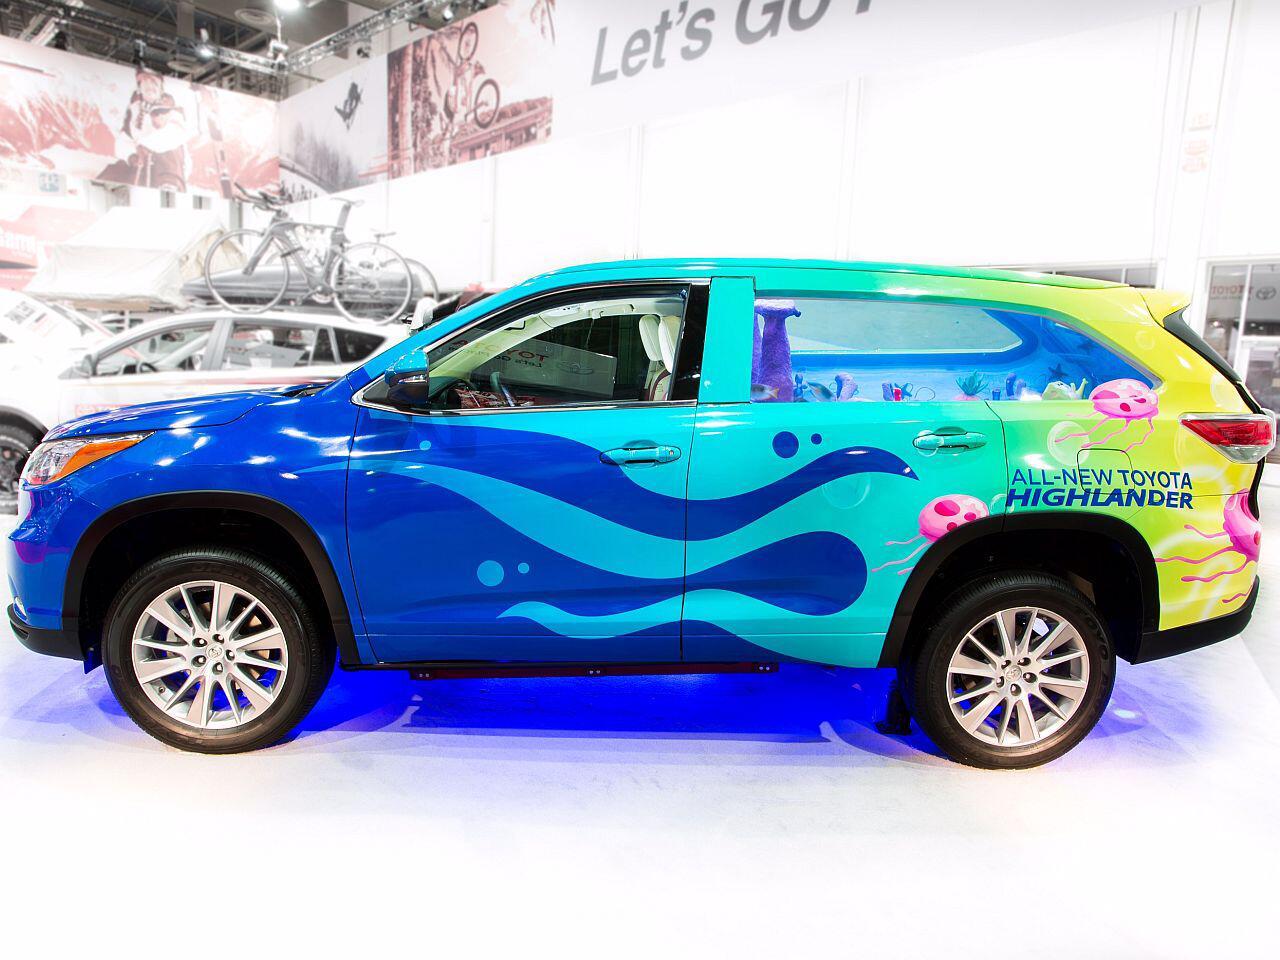 Bild zu Toyota Highlander 2014 mit SpongeBob-Folierung und integriertem Aquarium